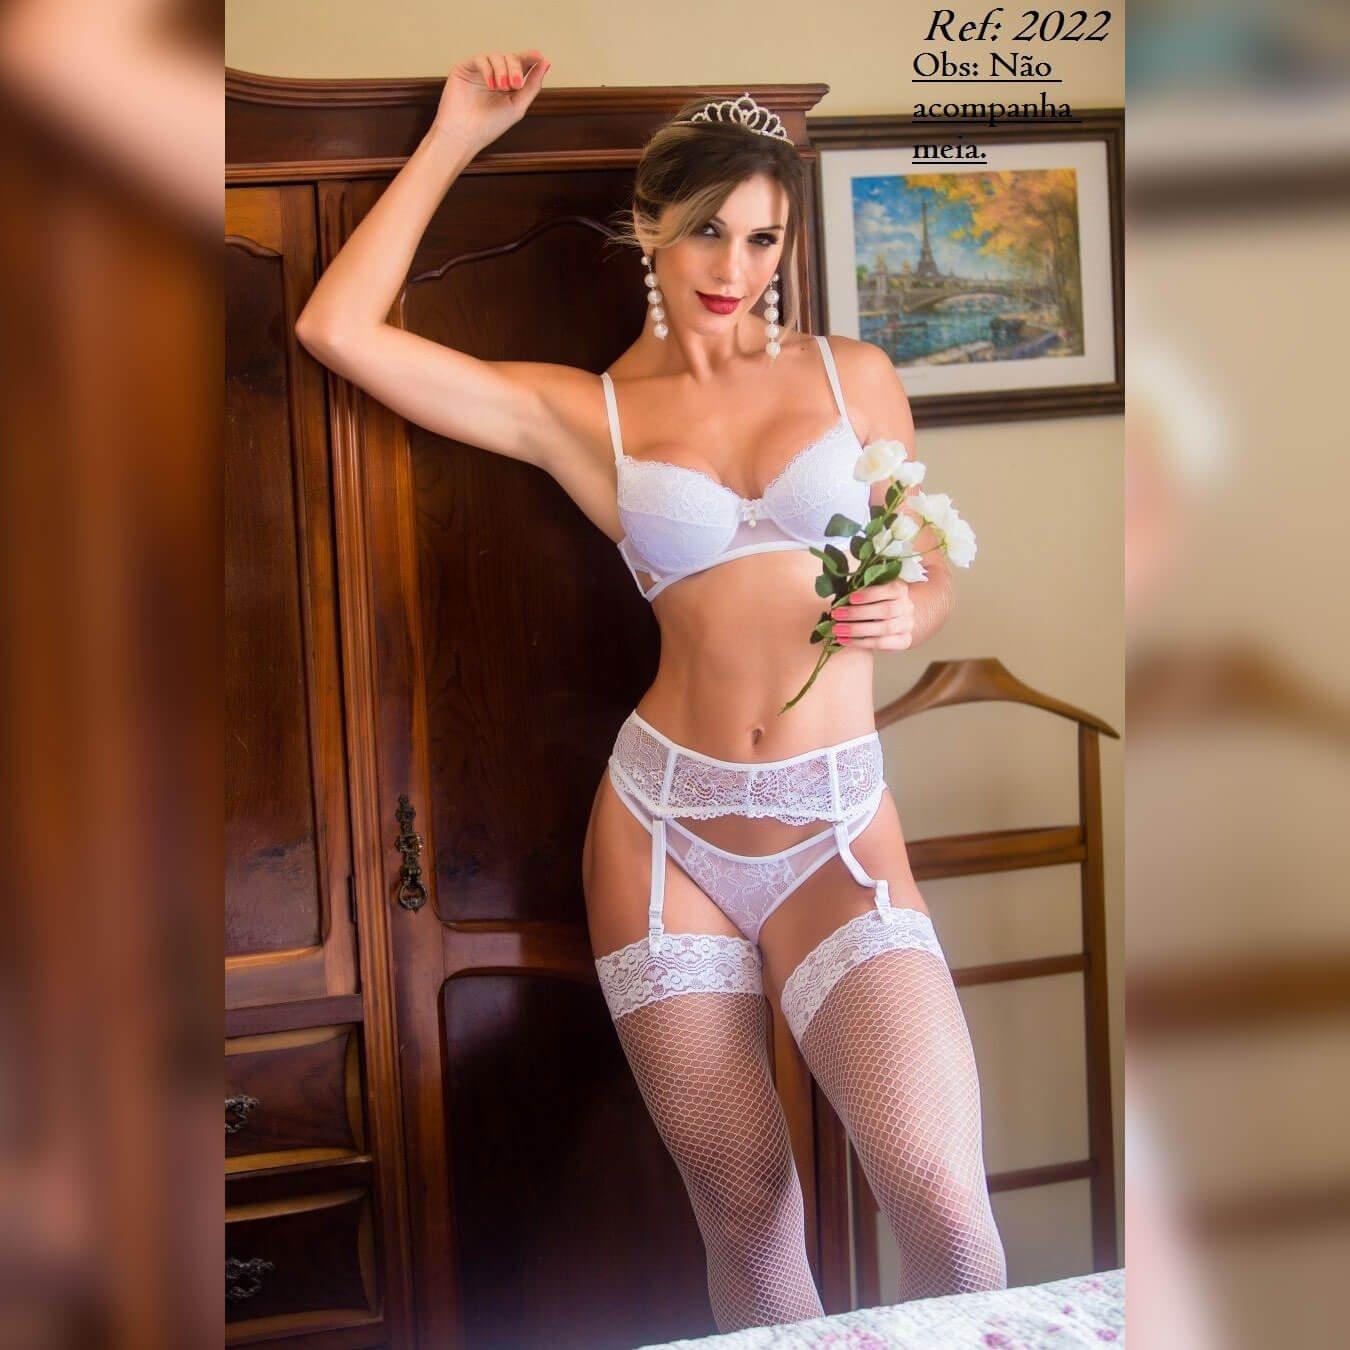 Conjunto em renda e tule - Lingerie garota veneno  - Sex Shop Cuiaba - Sexshop - Sexyshop - Produtos Eróticos